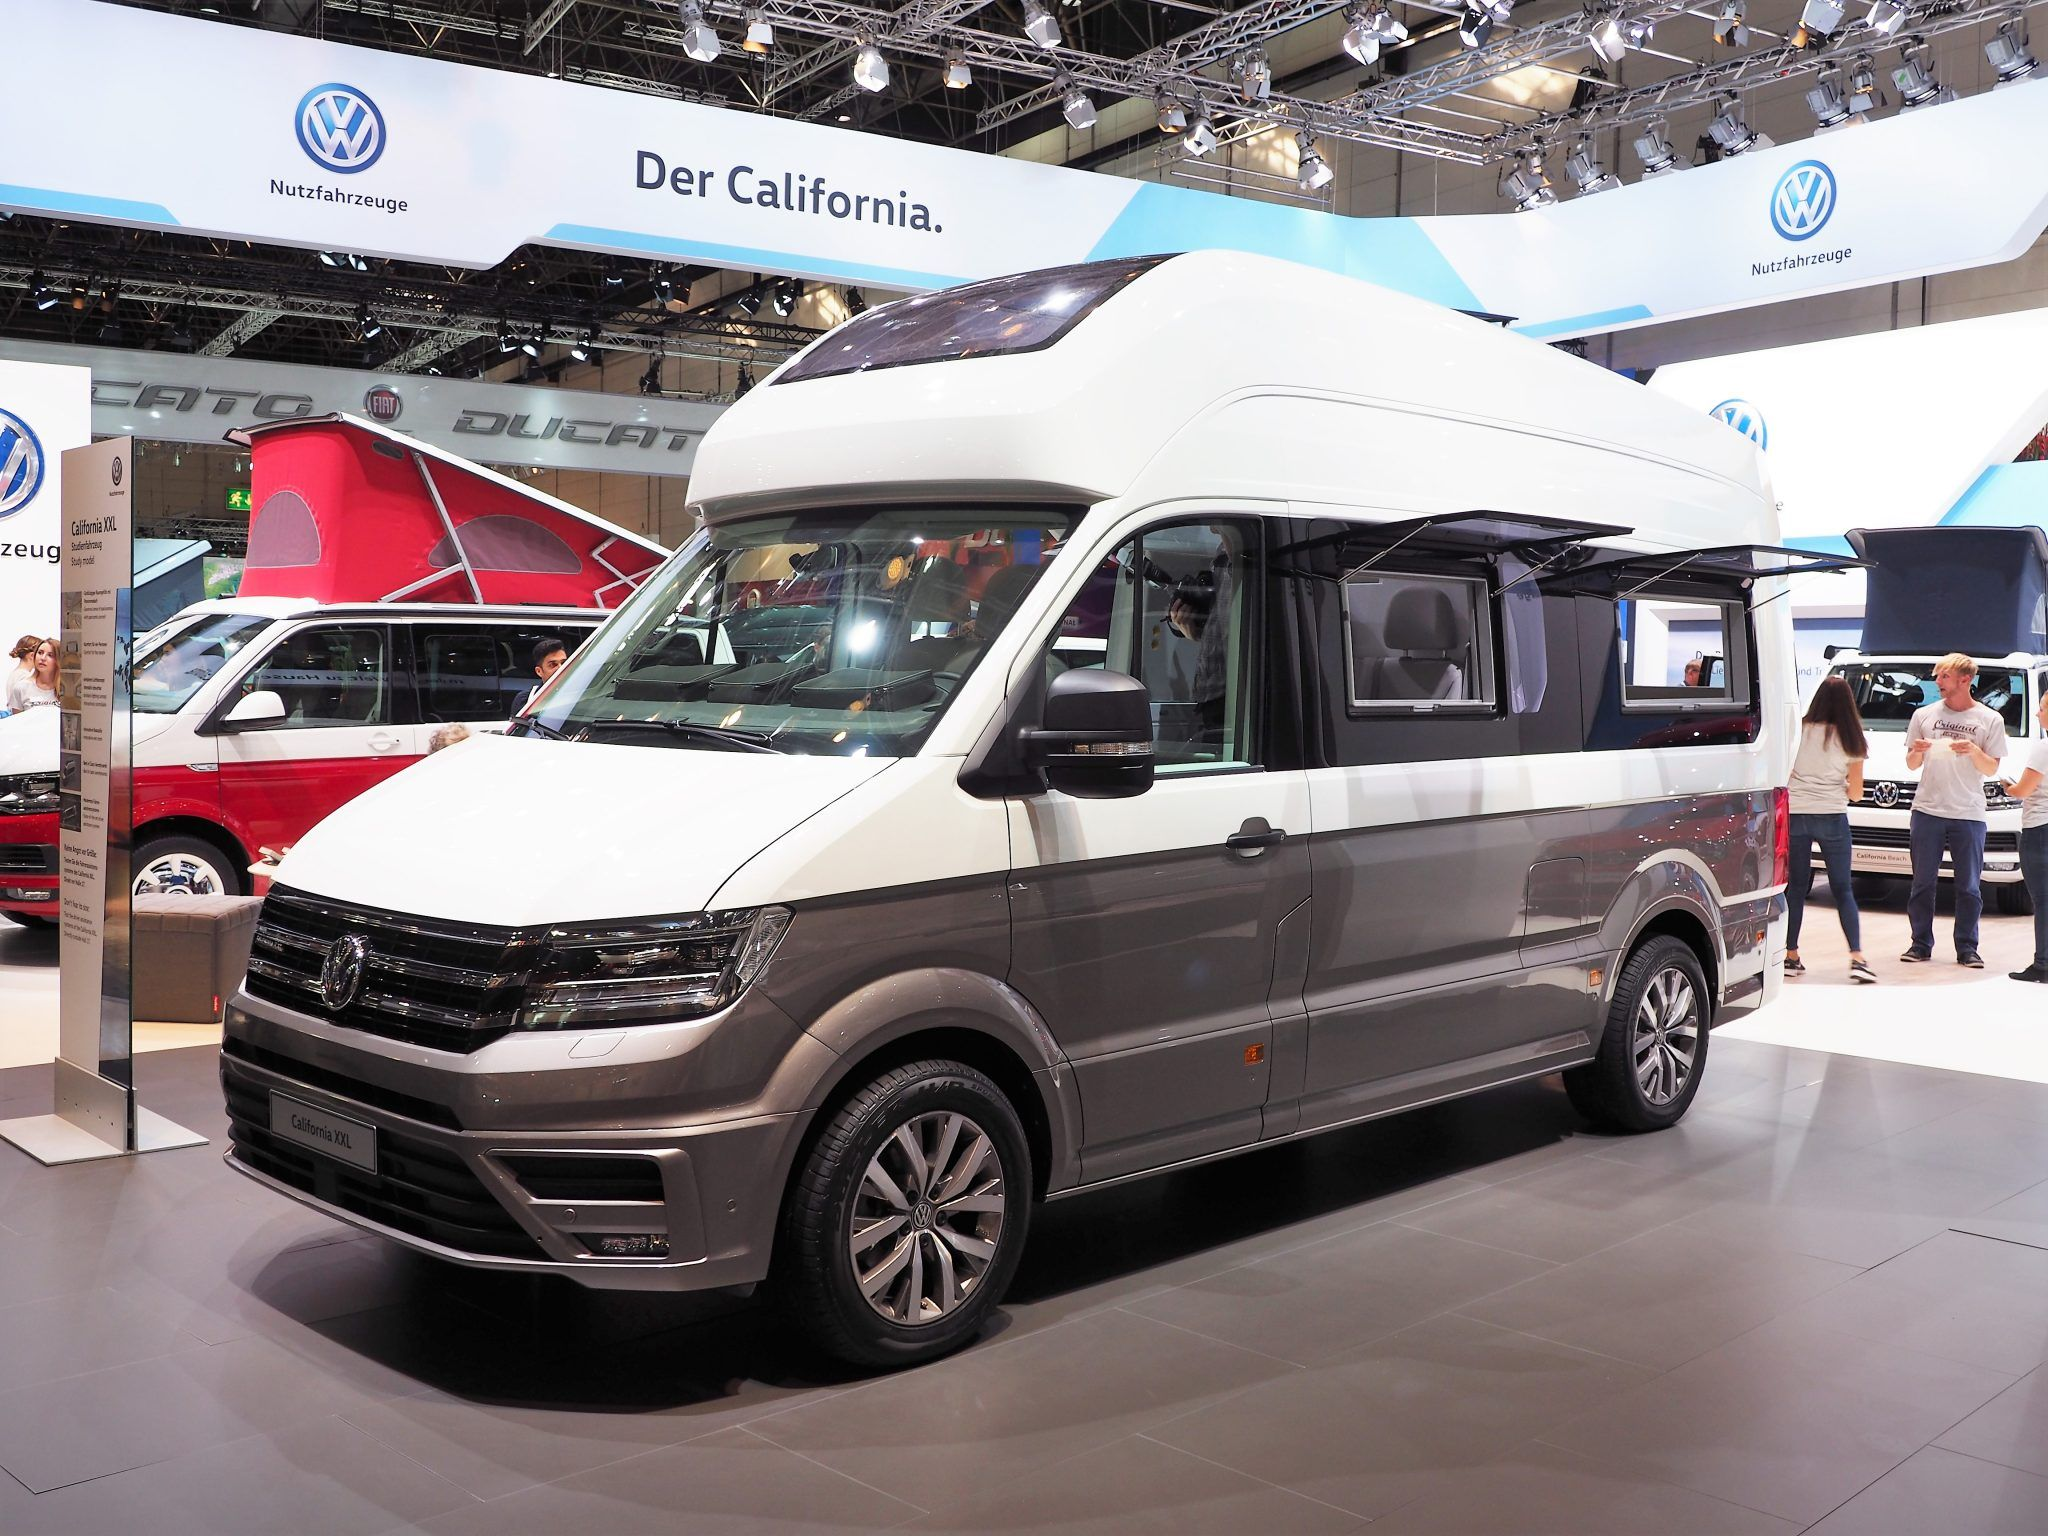 Auf dem Carvan Salon hat Volkswagen den California XXL vorgestellt